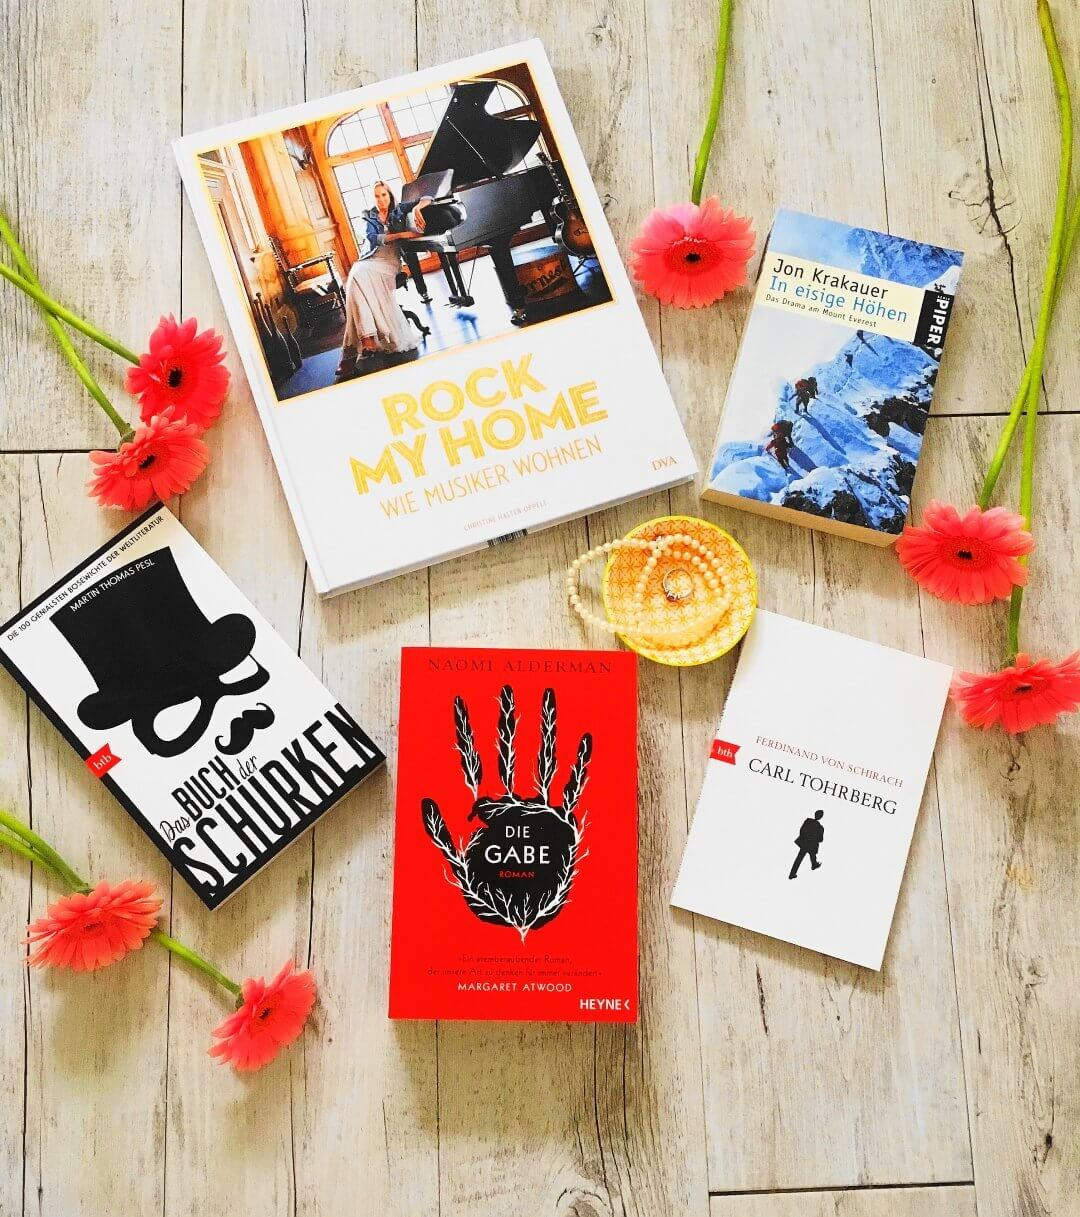 Rezensionen und lesenswerte Bücher